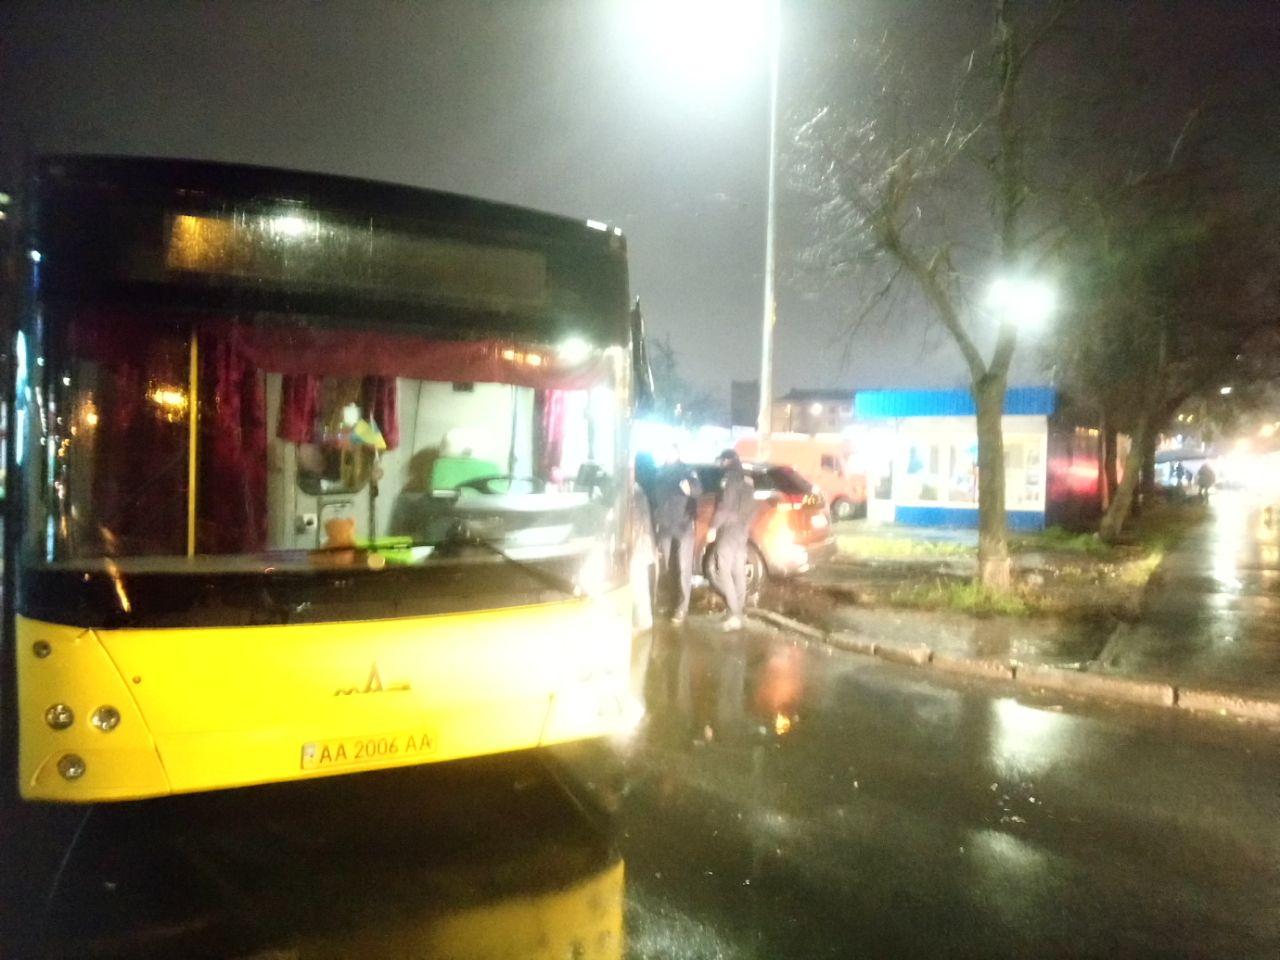 Курйозна ДТП: автобус не зміг об'їхати героя парковки - паркування, ДТП, автобус - IMG 20201120 194517 172